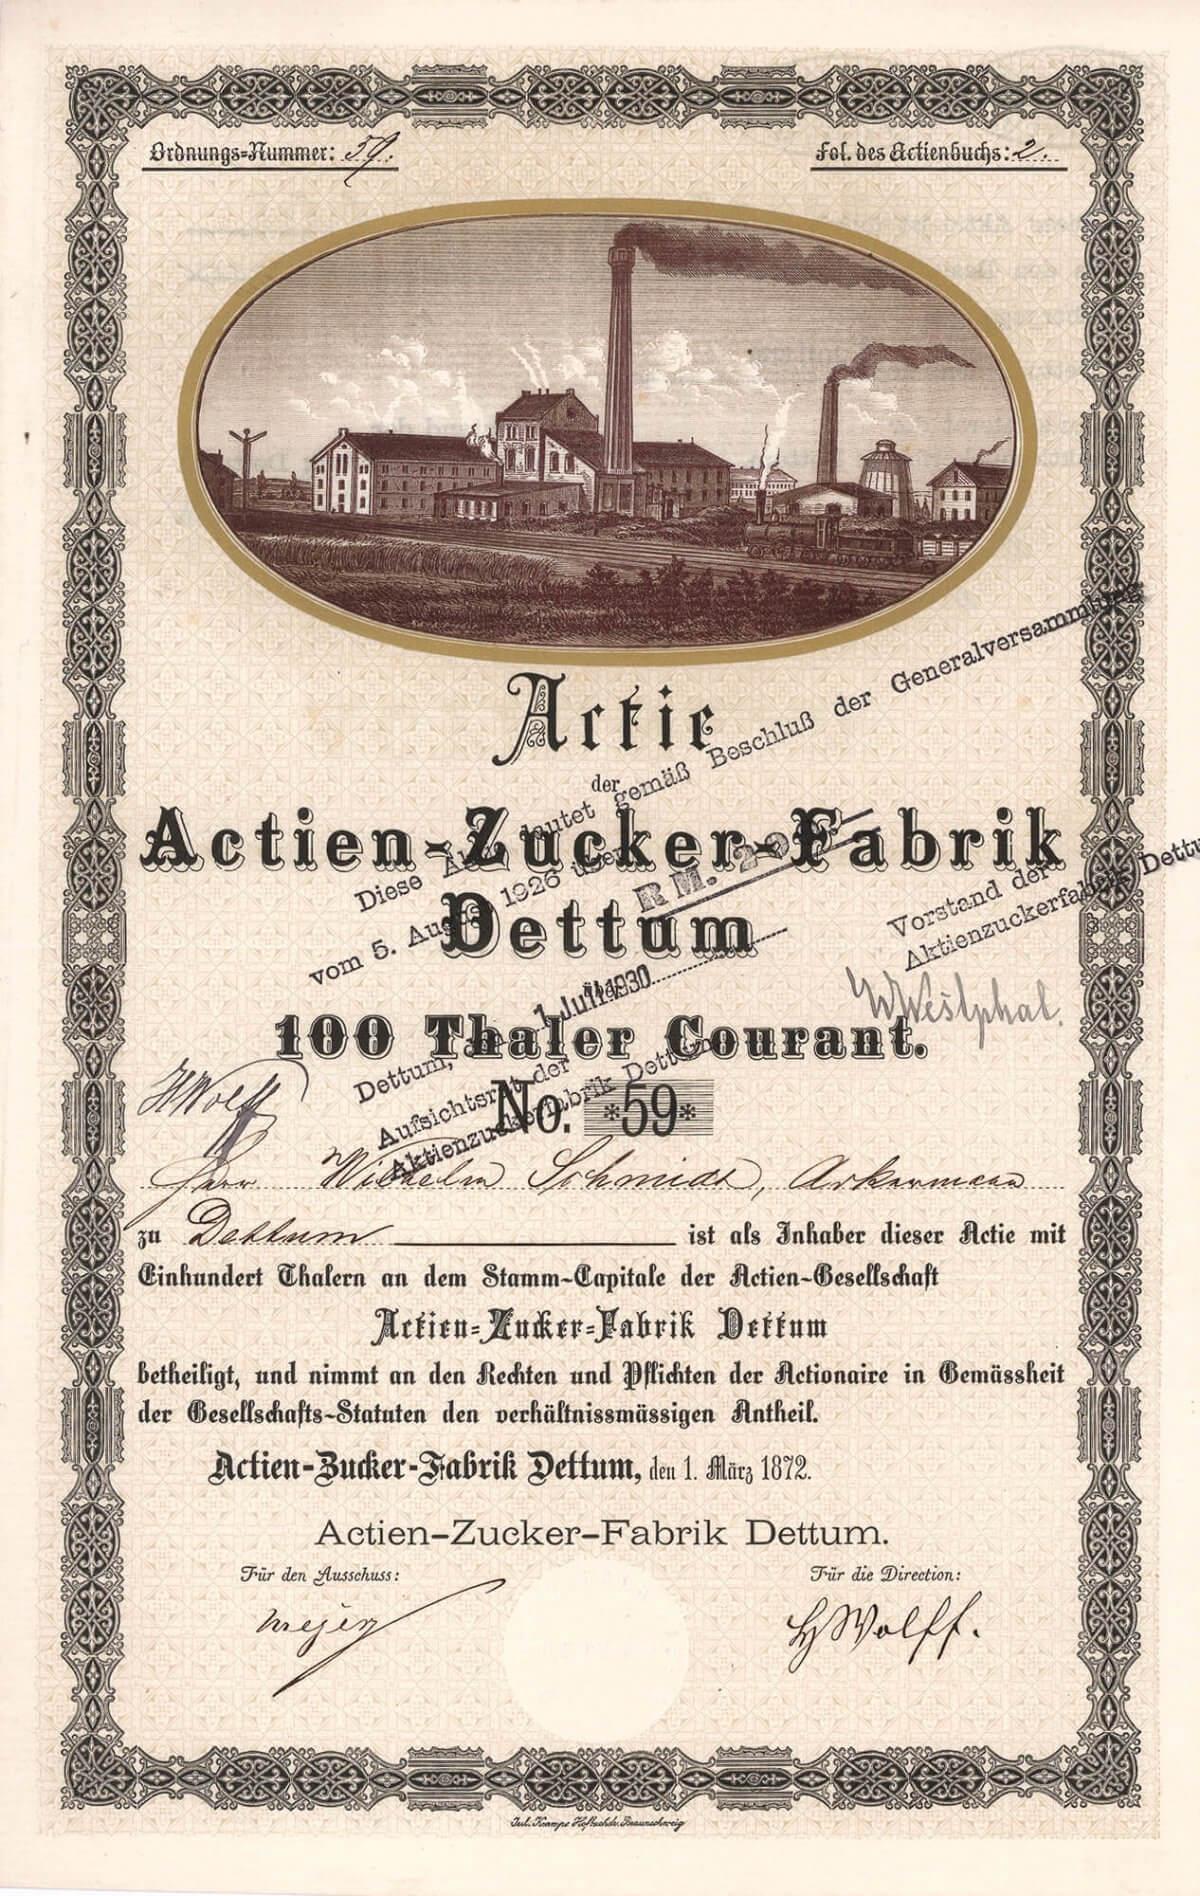 Actien-Zucker-Fabrik Dettum, Gründeraktie über 100 Taler von 1872. Gegründet durch Landwirte aus Dettum und den umliegenden Ortschaften mit einem Kapital von 100.000 Thalern. 1953 fuhr die Zuckerfabrik Dettum ihre letzte Kampagne, anschließend gingen die Aktivitäten auf die (später in der heutigen Nordzucker aufgegangene) Aktien-Zuckerfabrik Schöppenstedt über.